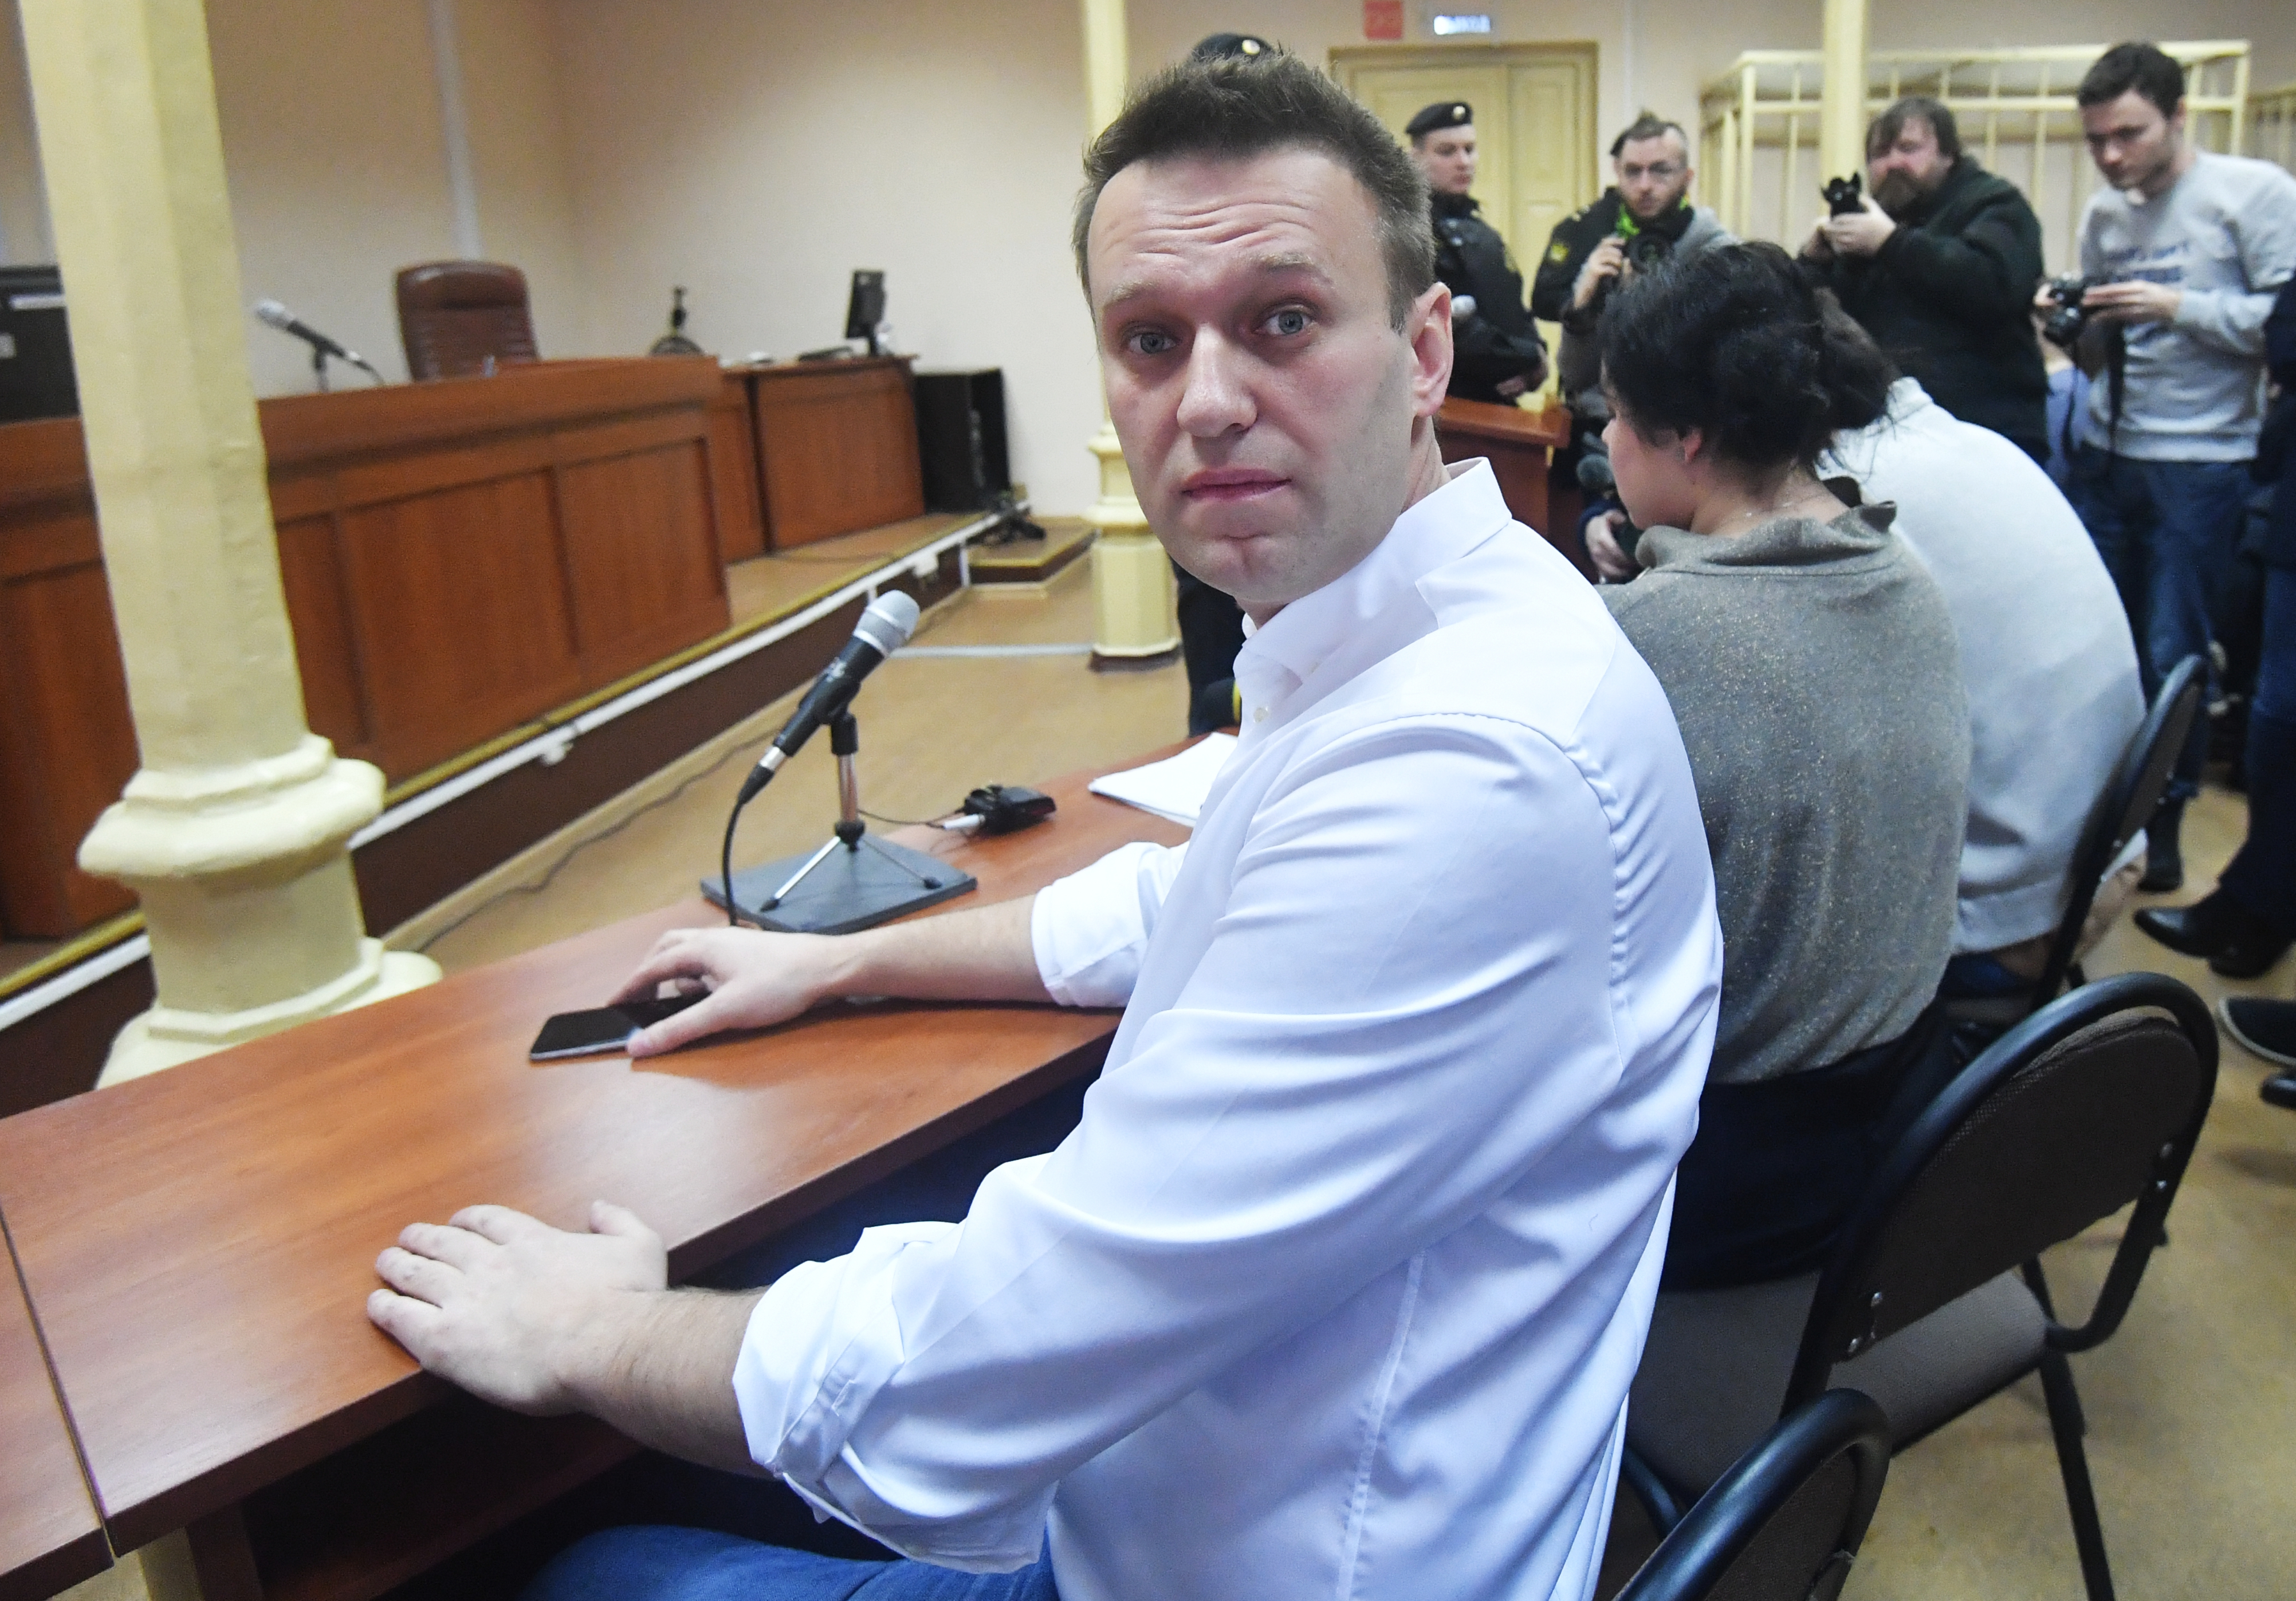 Összesen 64 ezer euró kártérítést ítélt meg Alekszej Navalnij orosz ellenzéki politikusnak a strasbourgi emberi jogi bíróság